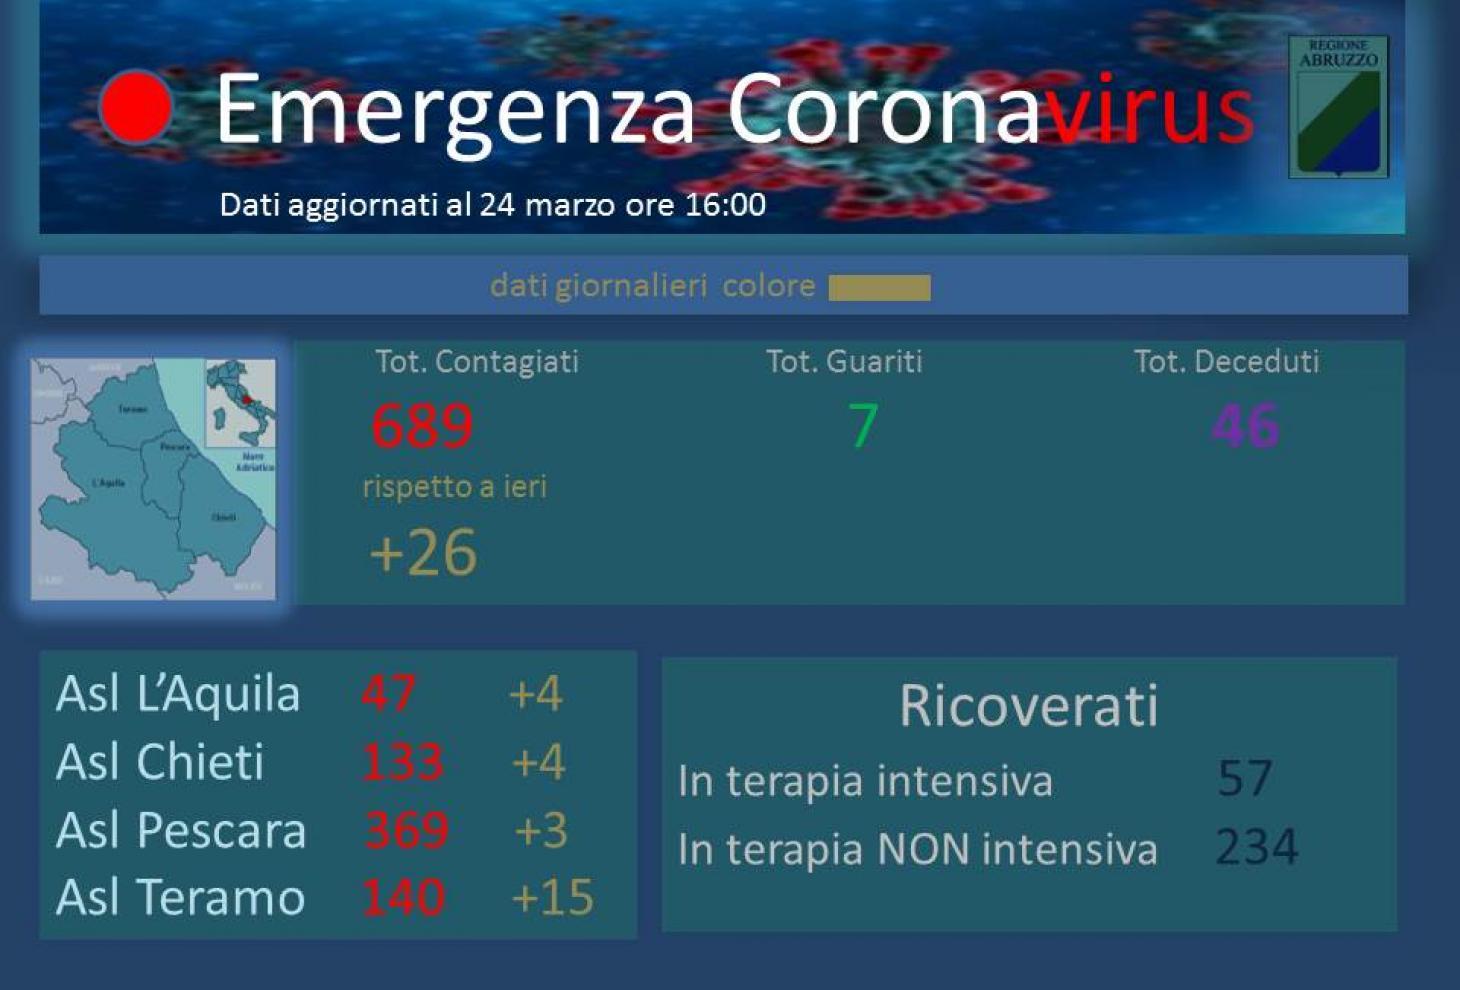 Emergenza coronavirus - Dati aggiornati al 24 marzo